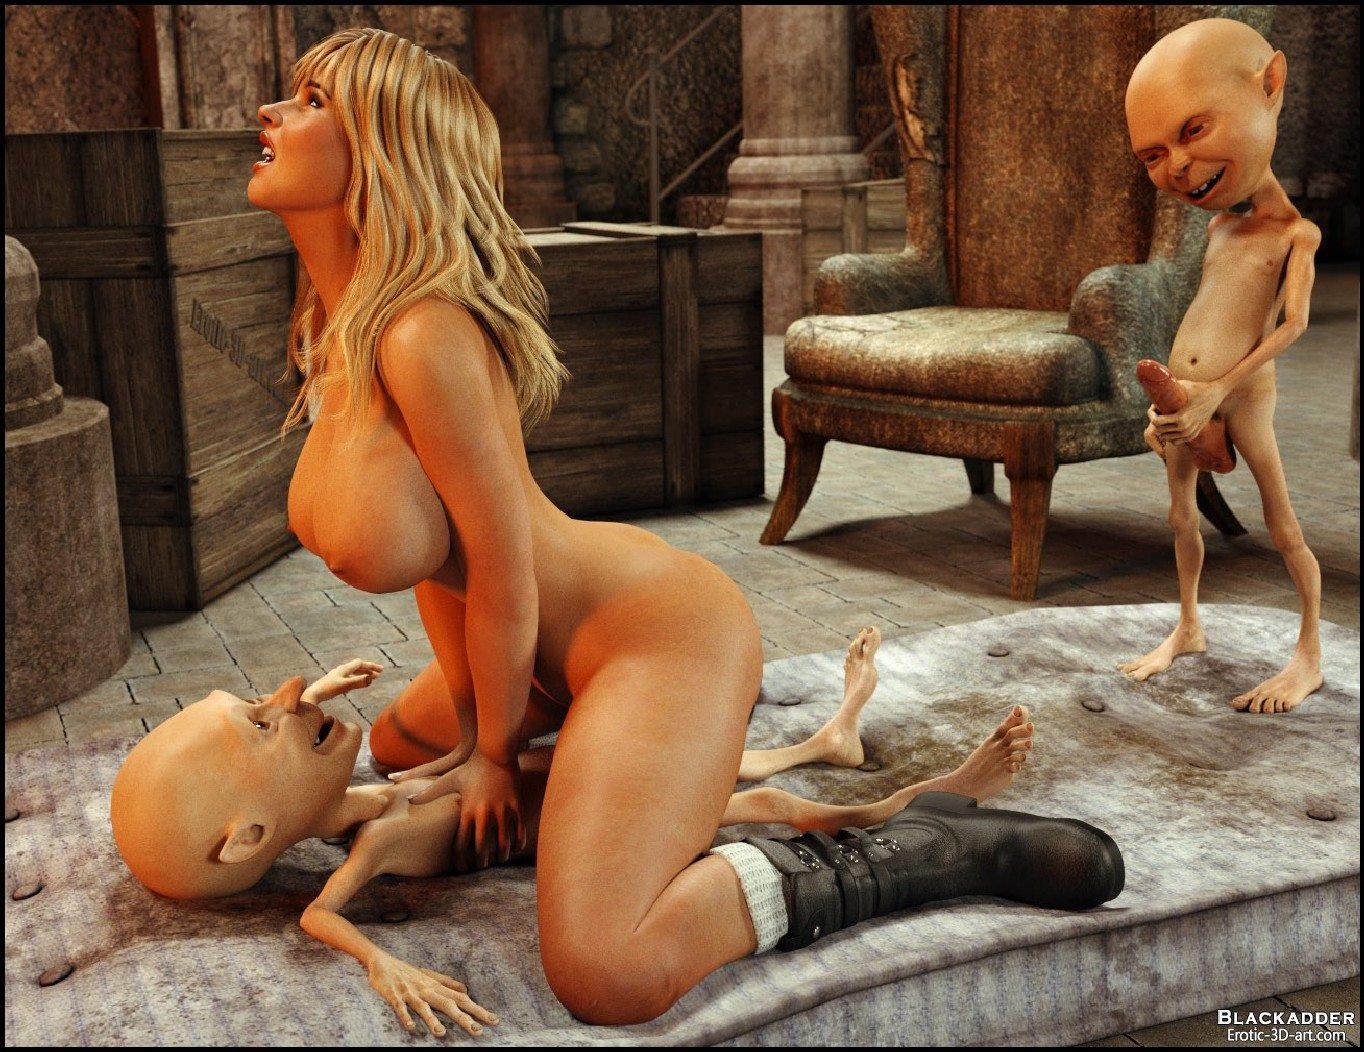 Сайт интересующей порно в средневековье смотреть онлайн давай